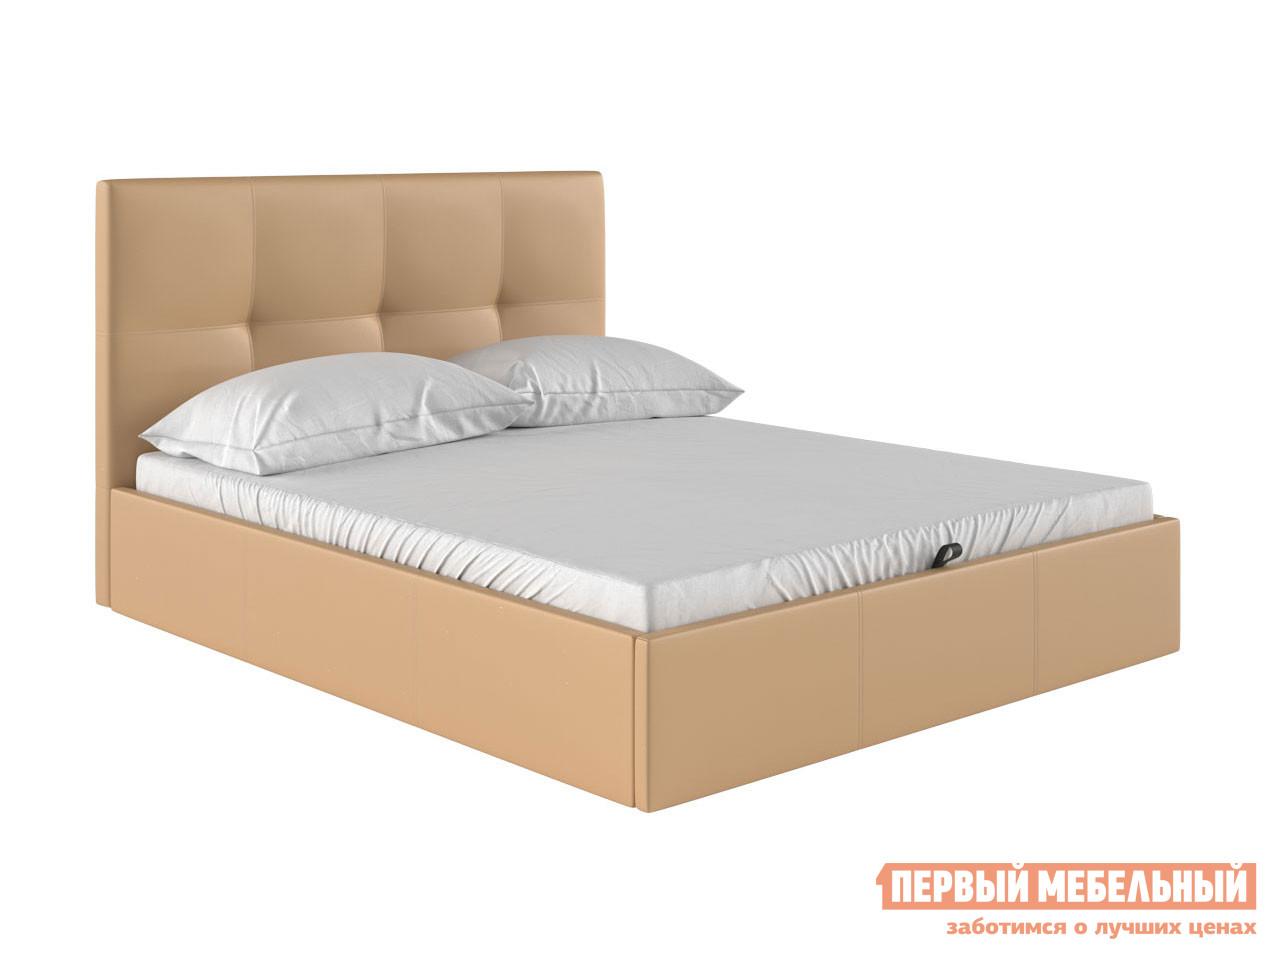 Двуспальная кровать  Верда Бежевый, экокожа, 160х200 см Первый Мебельный 83835